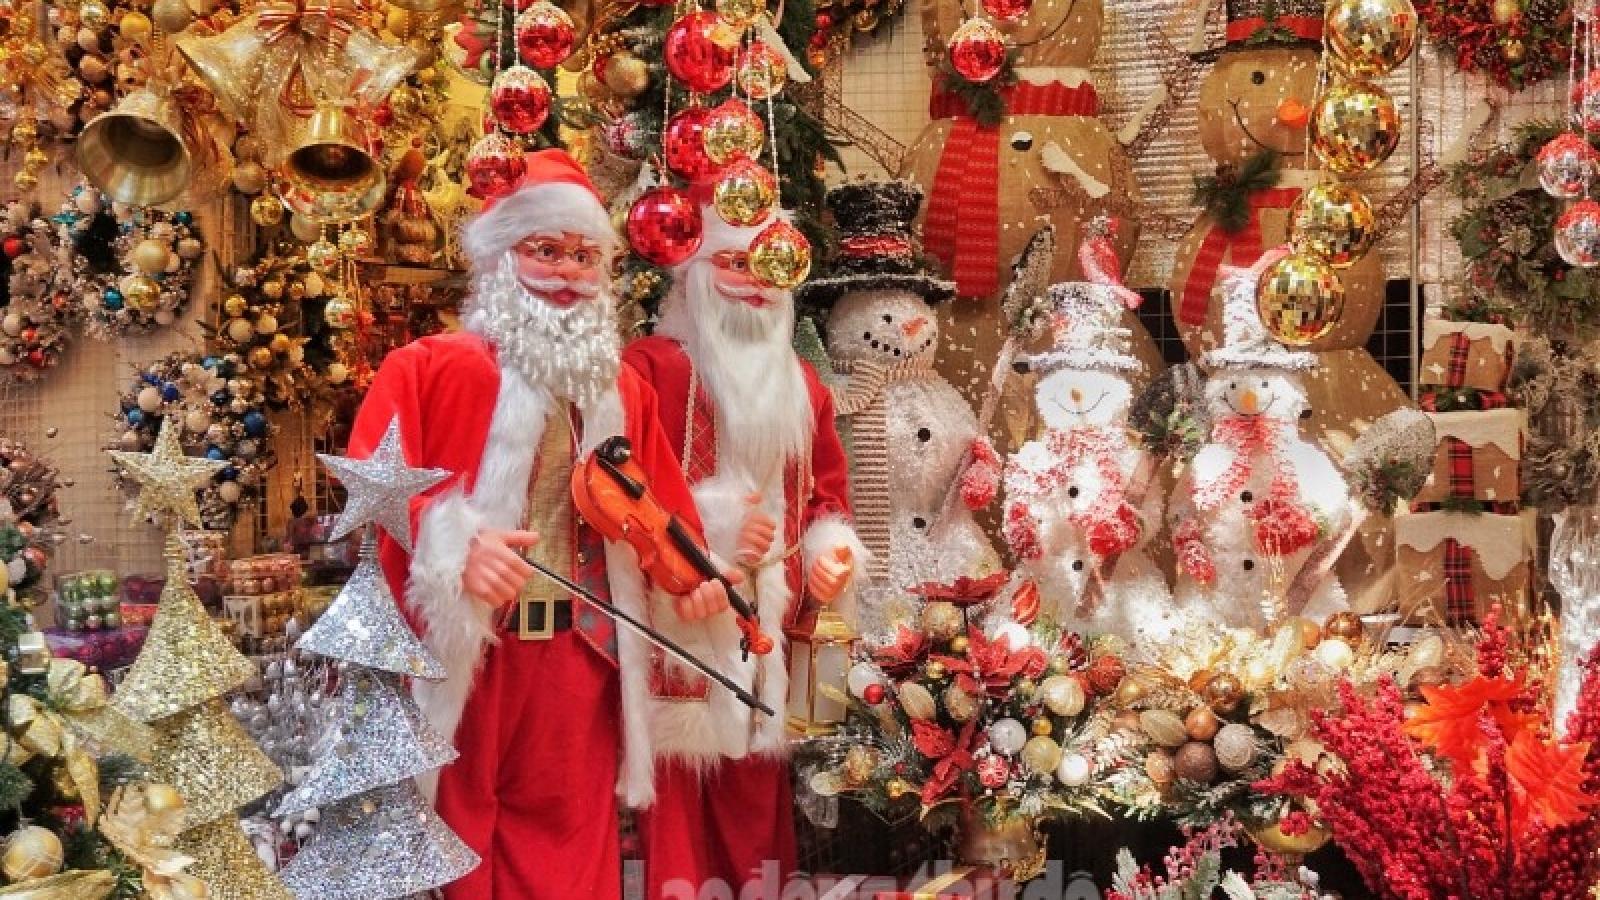 Lời chúc Giáng sinh cho gia đình, bạn bè và người yêu